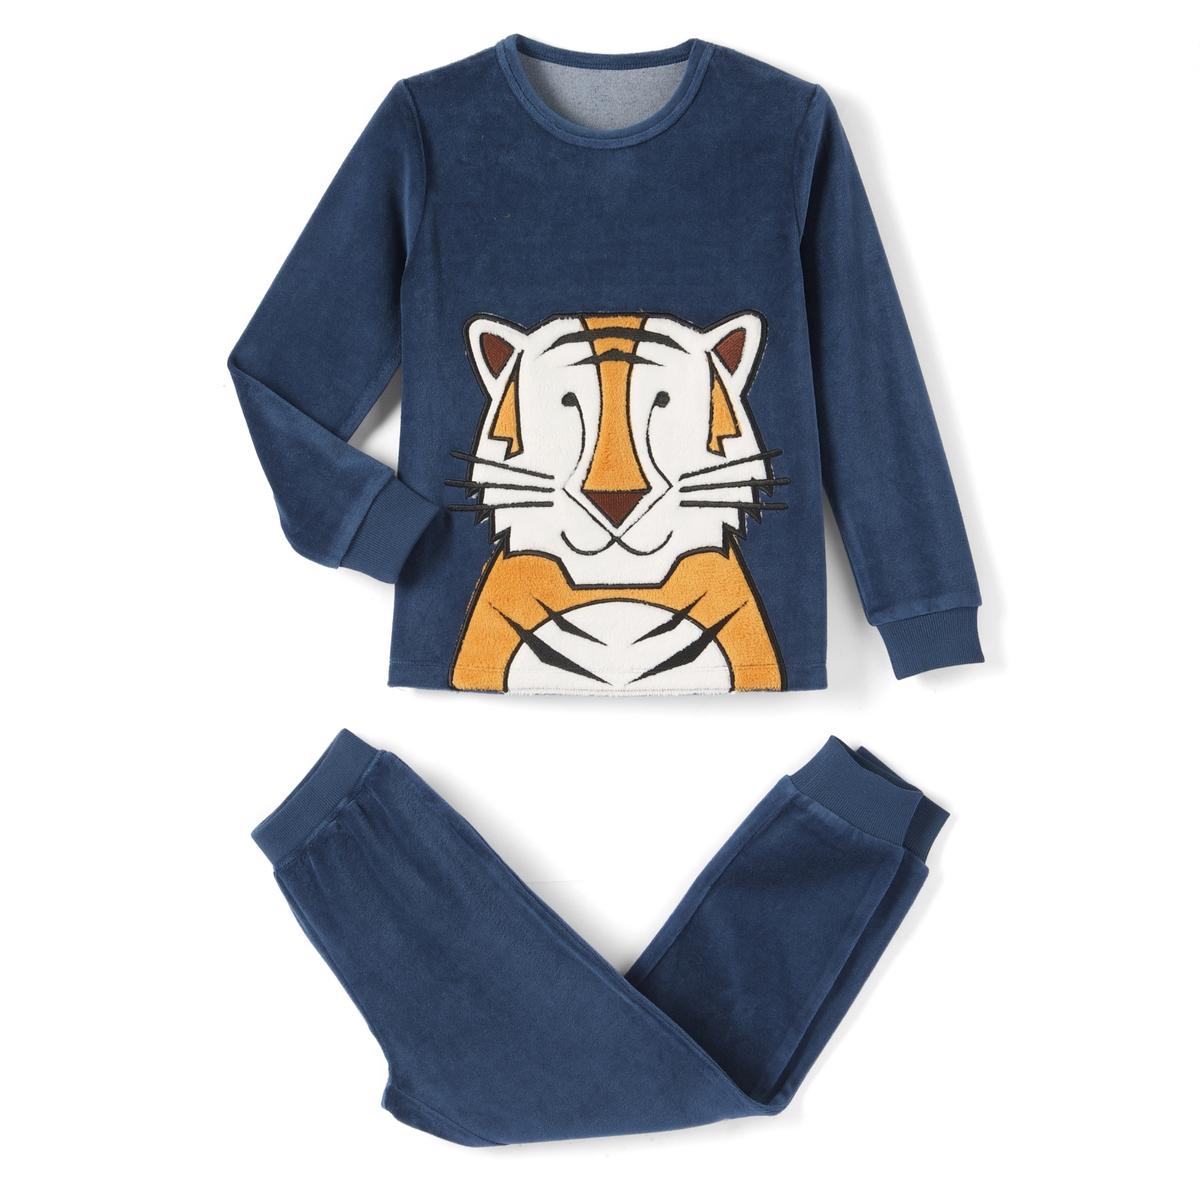 Пижама из велюра, 3-12 летВелюровая пижама, состоящая из верха с длинными рукавами и однотонных брюк. Верх с нашивкой тигр спереди. Круглый вырез. Брюки с эластичным поясом.Состав и описание : Материал      Велюр 75% хлопка, 25% полиэстераУход : Машинная стирка при 30°C с вещами подобных цветов.Стирка и глажка с изнаночной стороны.Машинная сушка на умеренном режиме.Гладить при низкой температуре.Низ брючин связан в рубчик.<br><br>Цвет: синий<br>Размер: 3 года - 94 см